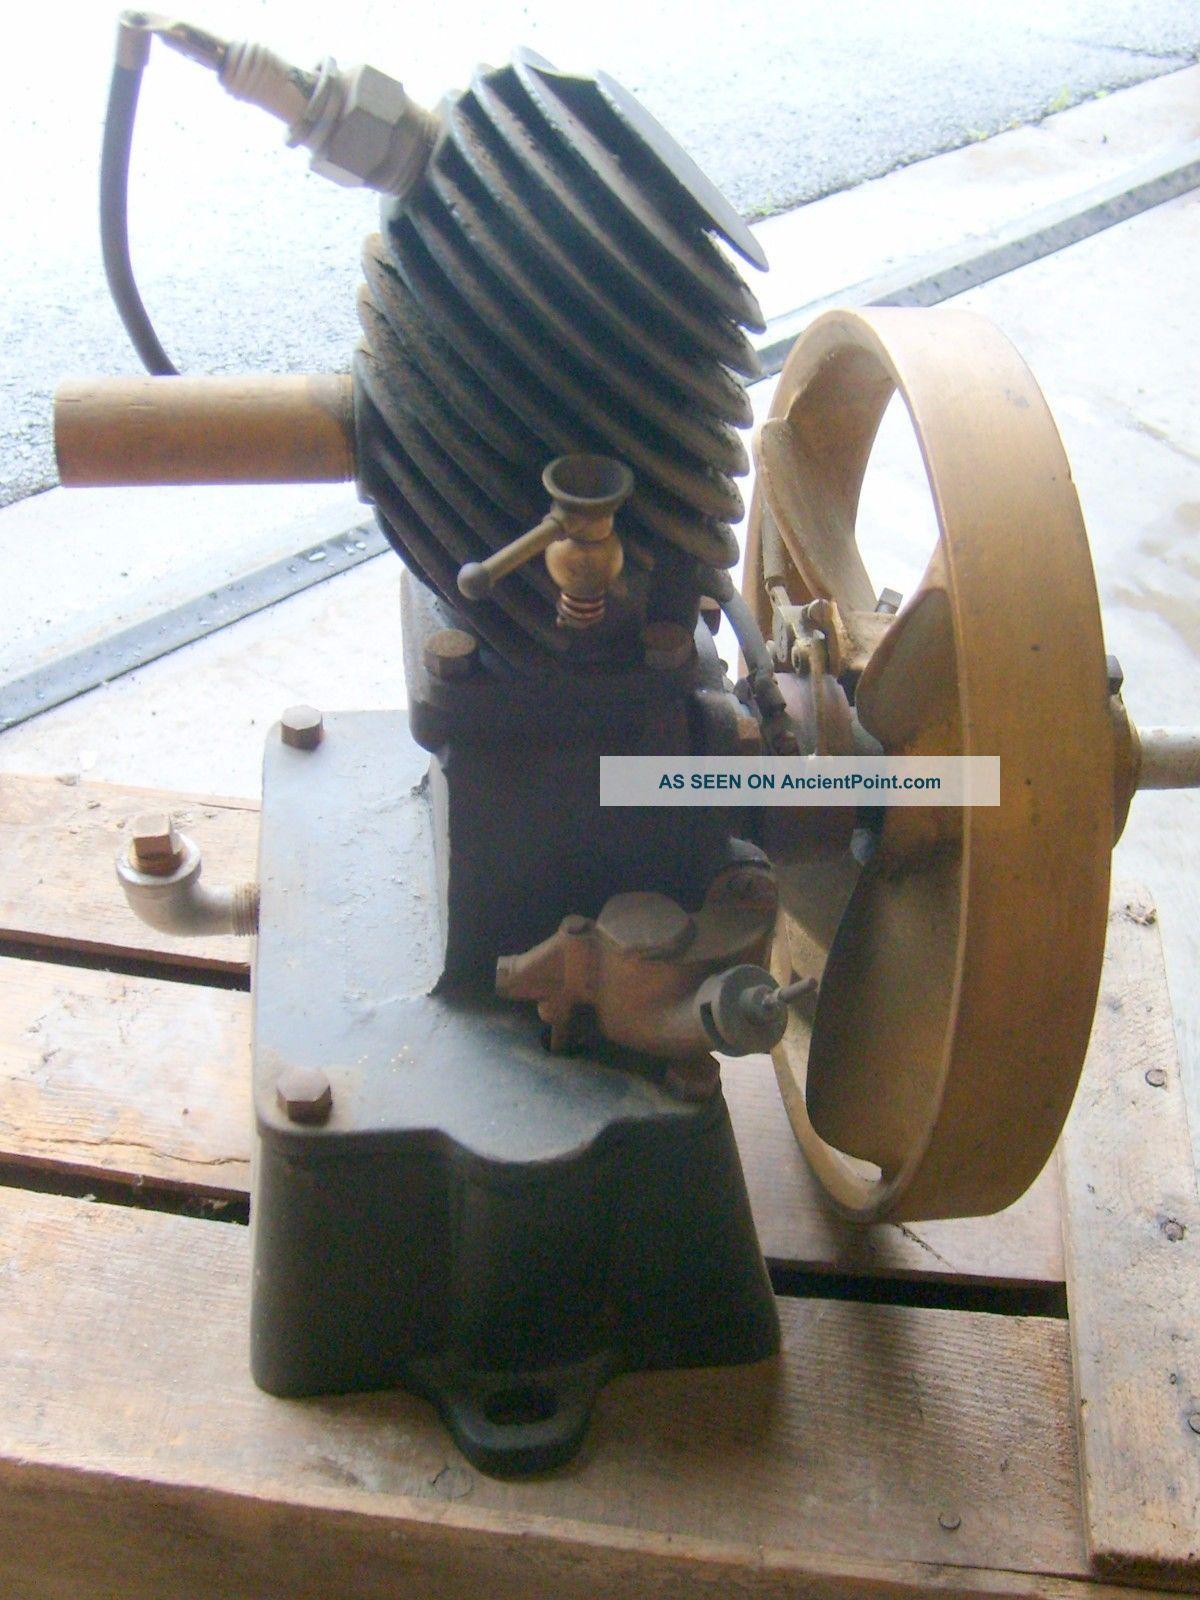 Antique Maytag Multi - Motor 43 Upright Washing Machine Gas Engine Washing Machines photo